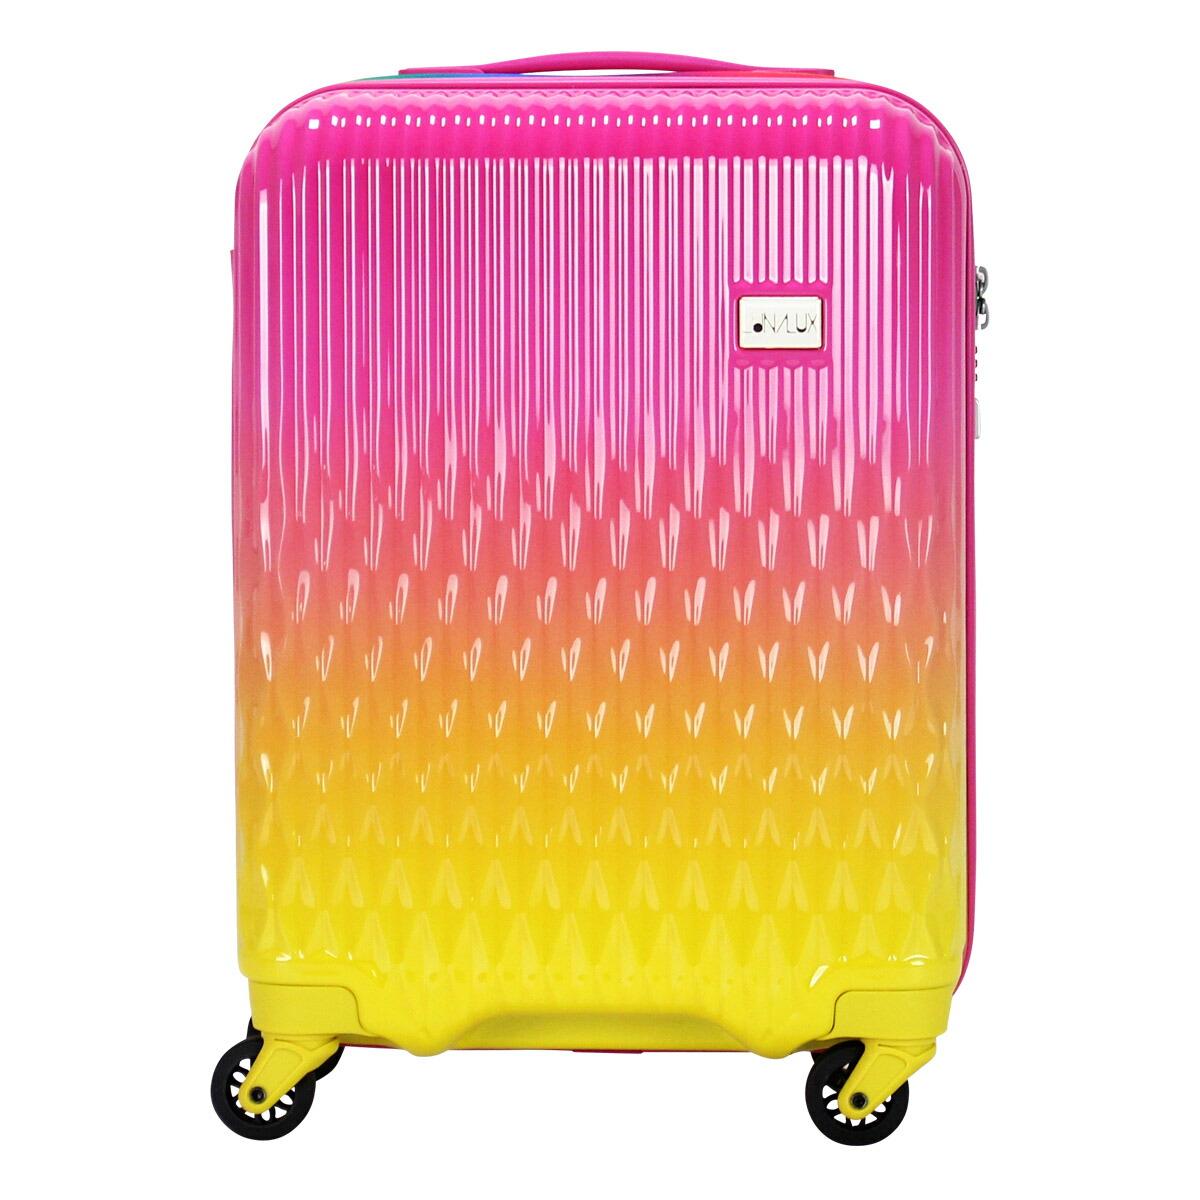 e92898b6d4264 シフレ スーツケース キャリーオン ミニケース付き かわいい 限定モデル ...